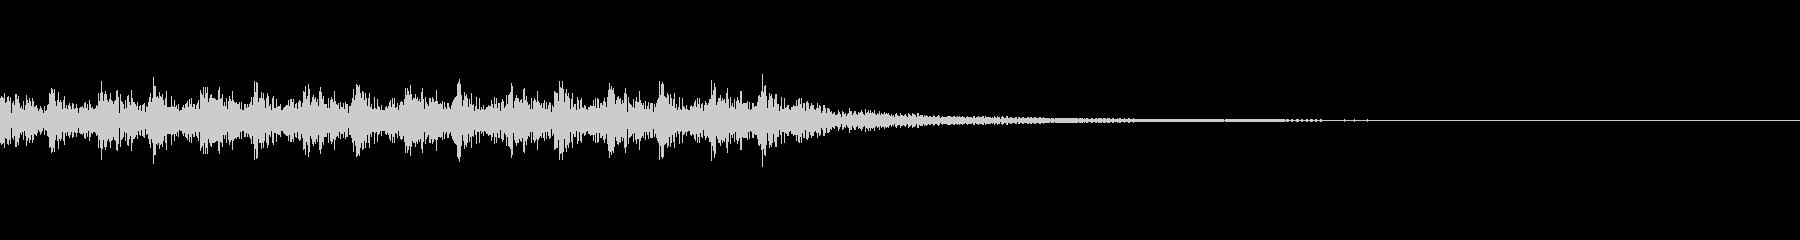 手拍子+太鼓(応援団風)の未再生の波形